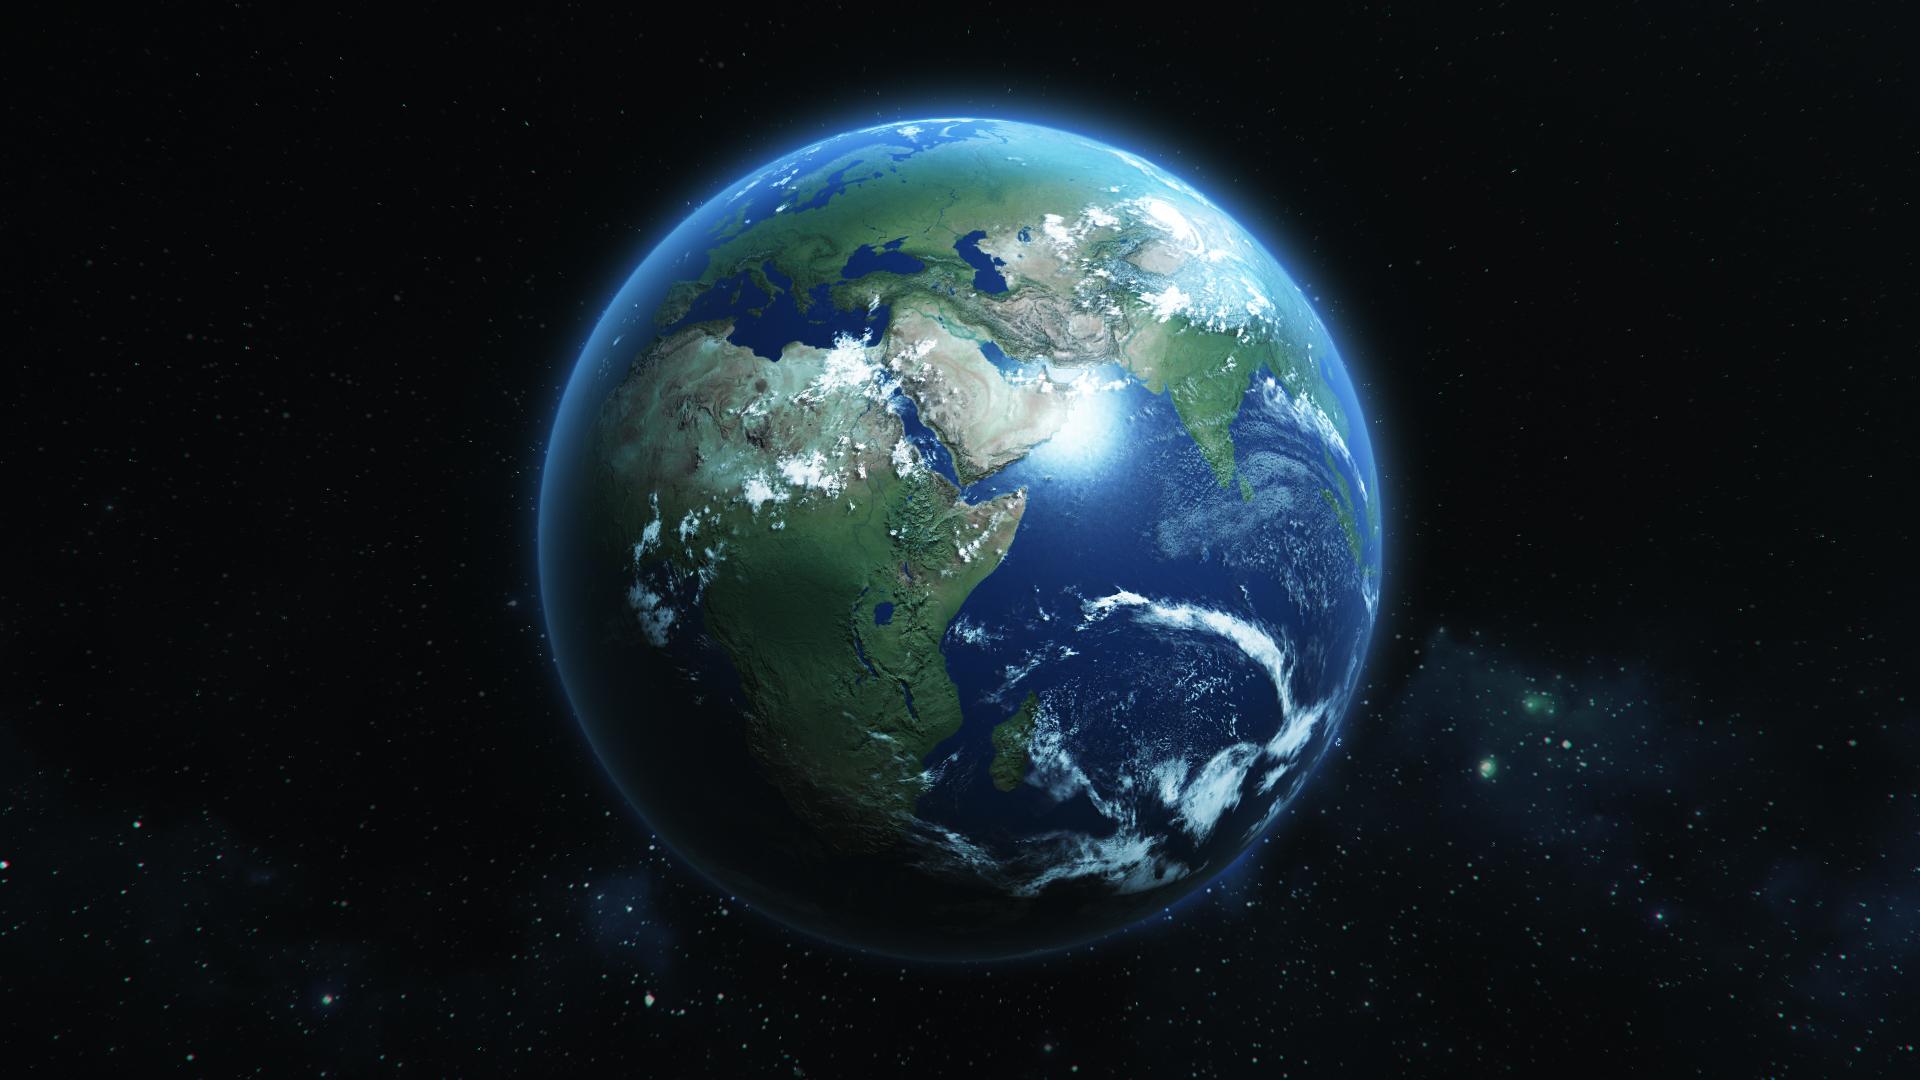 Обои На Рабочий Стол Земля